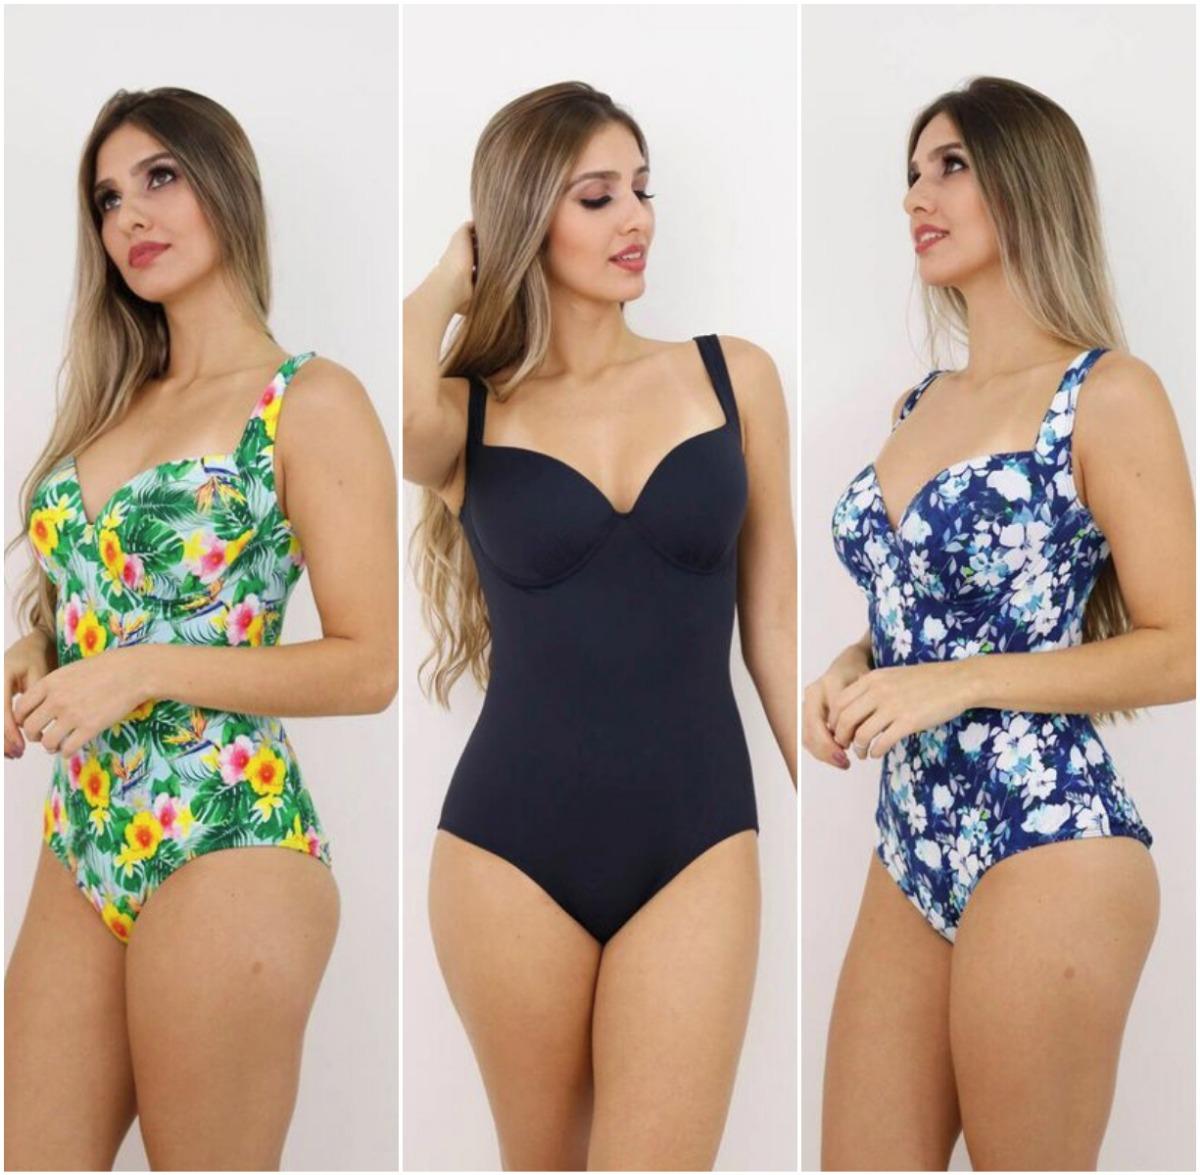 f8e8839af ... moda praia, maio plus size, maios 2018,2019 maios b19. Carregando zoom.